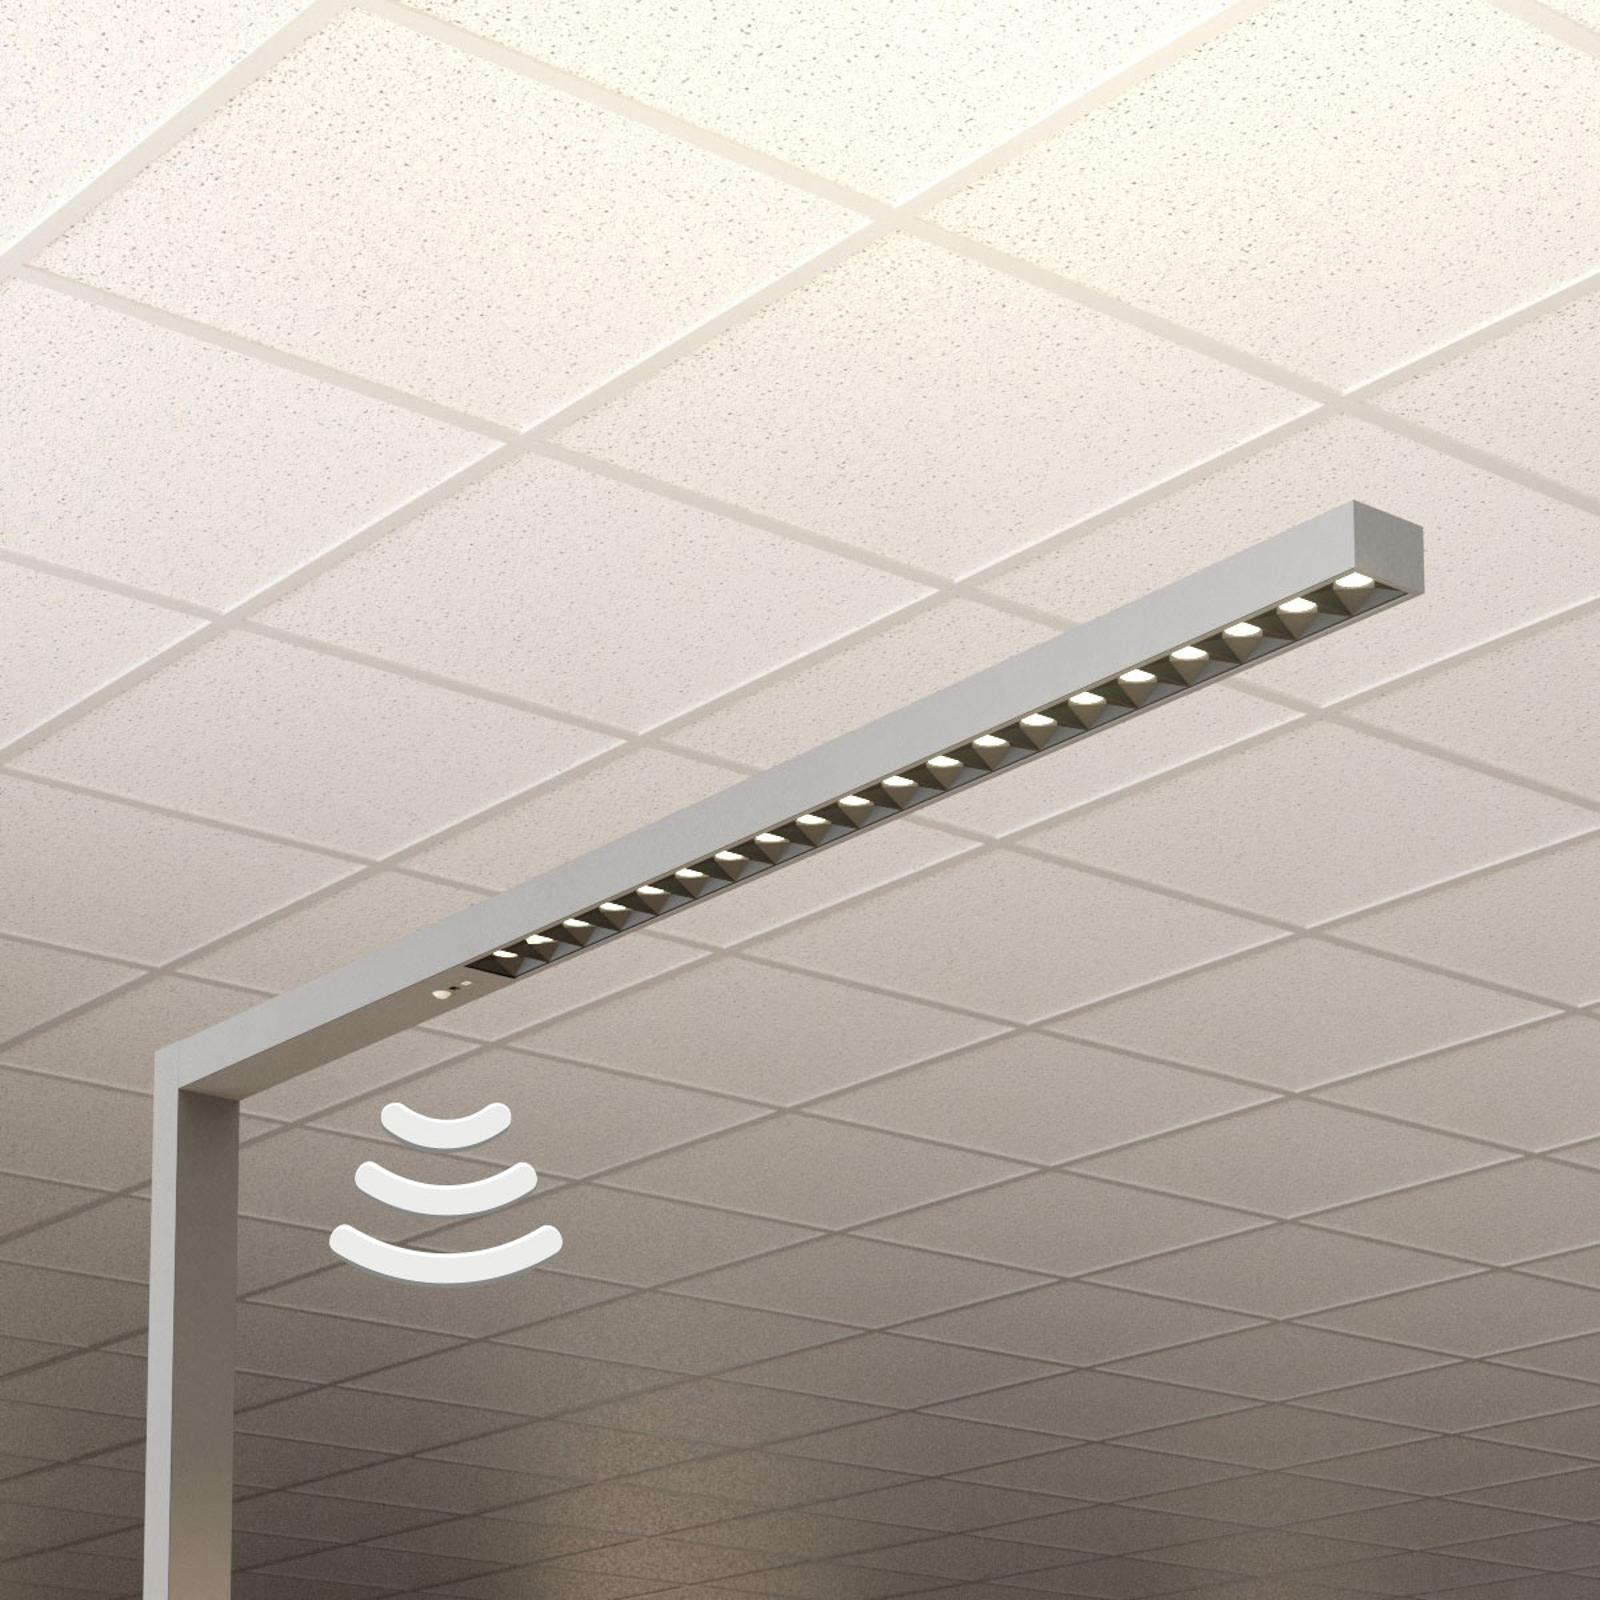 LED-gulvlampe til kontor Laris, sølv, 4000 K